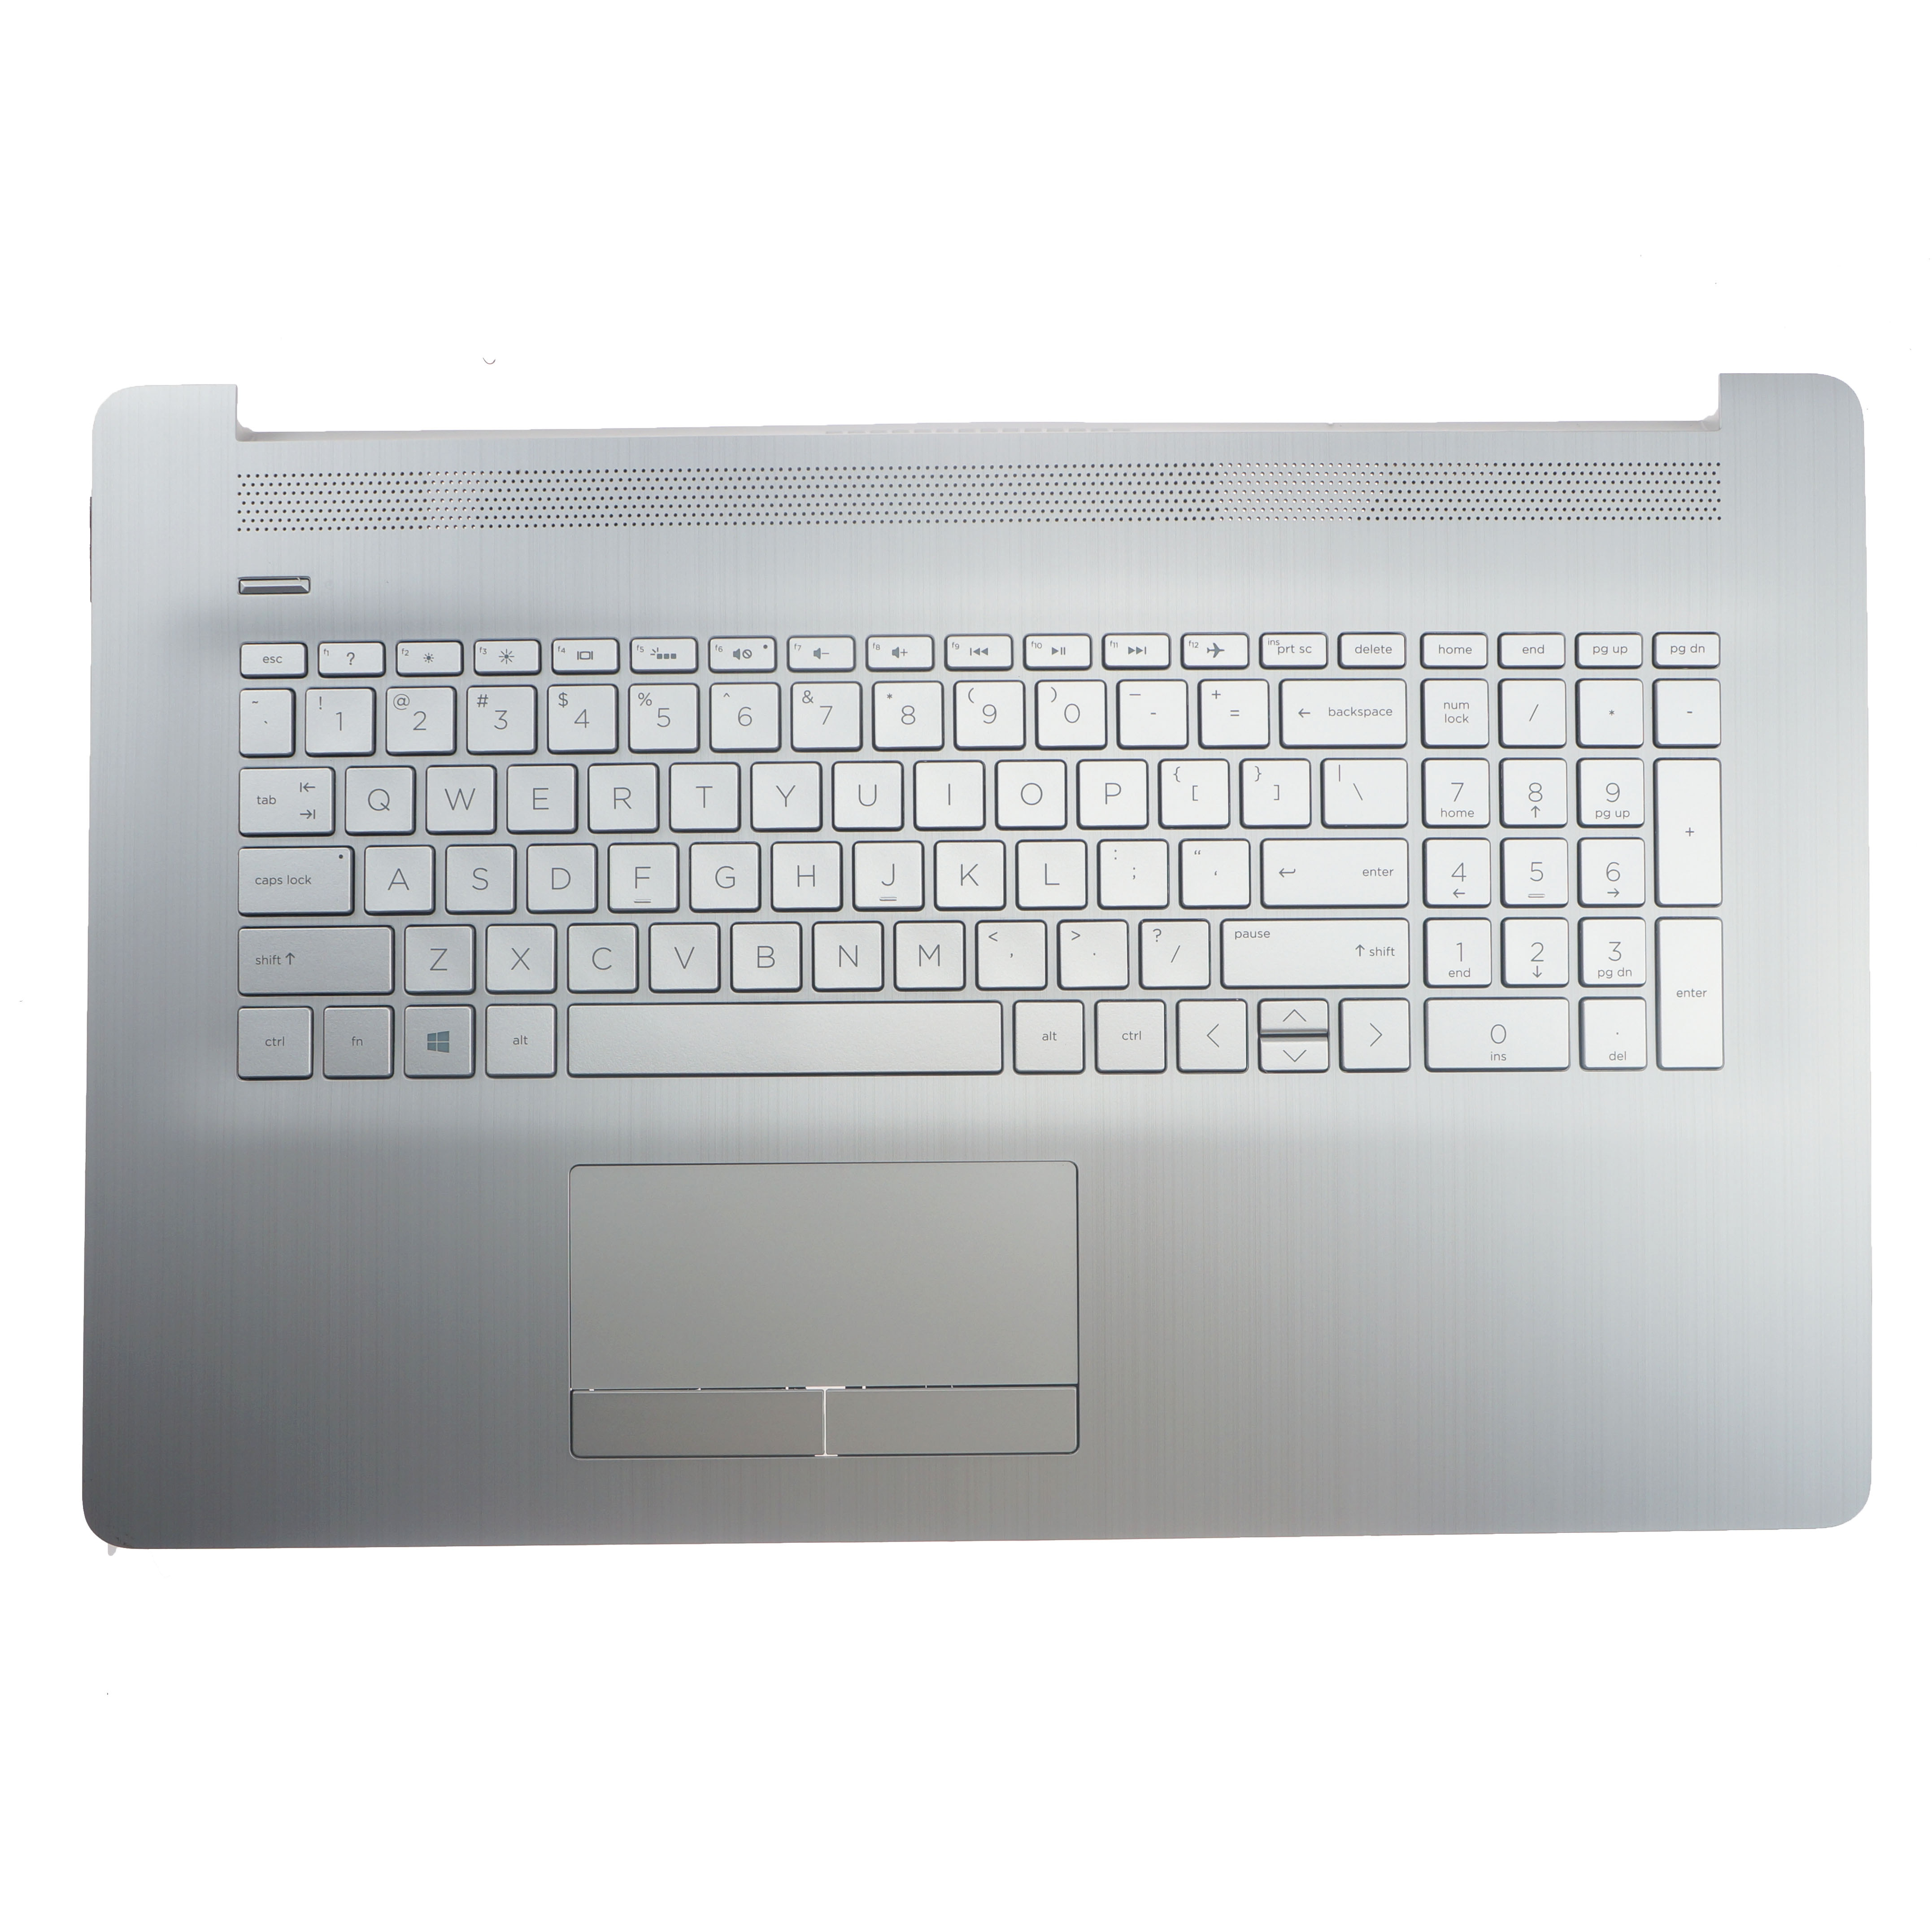 Новый оригинальный Упор для рук с США подсветкой Клавиатура для ноутбука HP Pavilion 17-по 17-CA верхняя крышка 6070B1308113 L92787-001 серебро